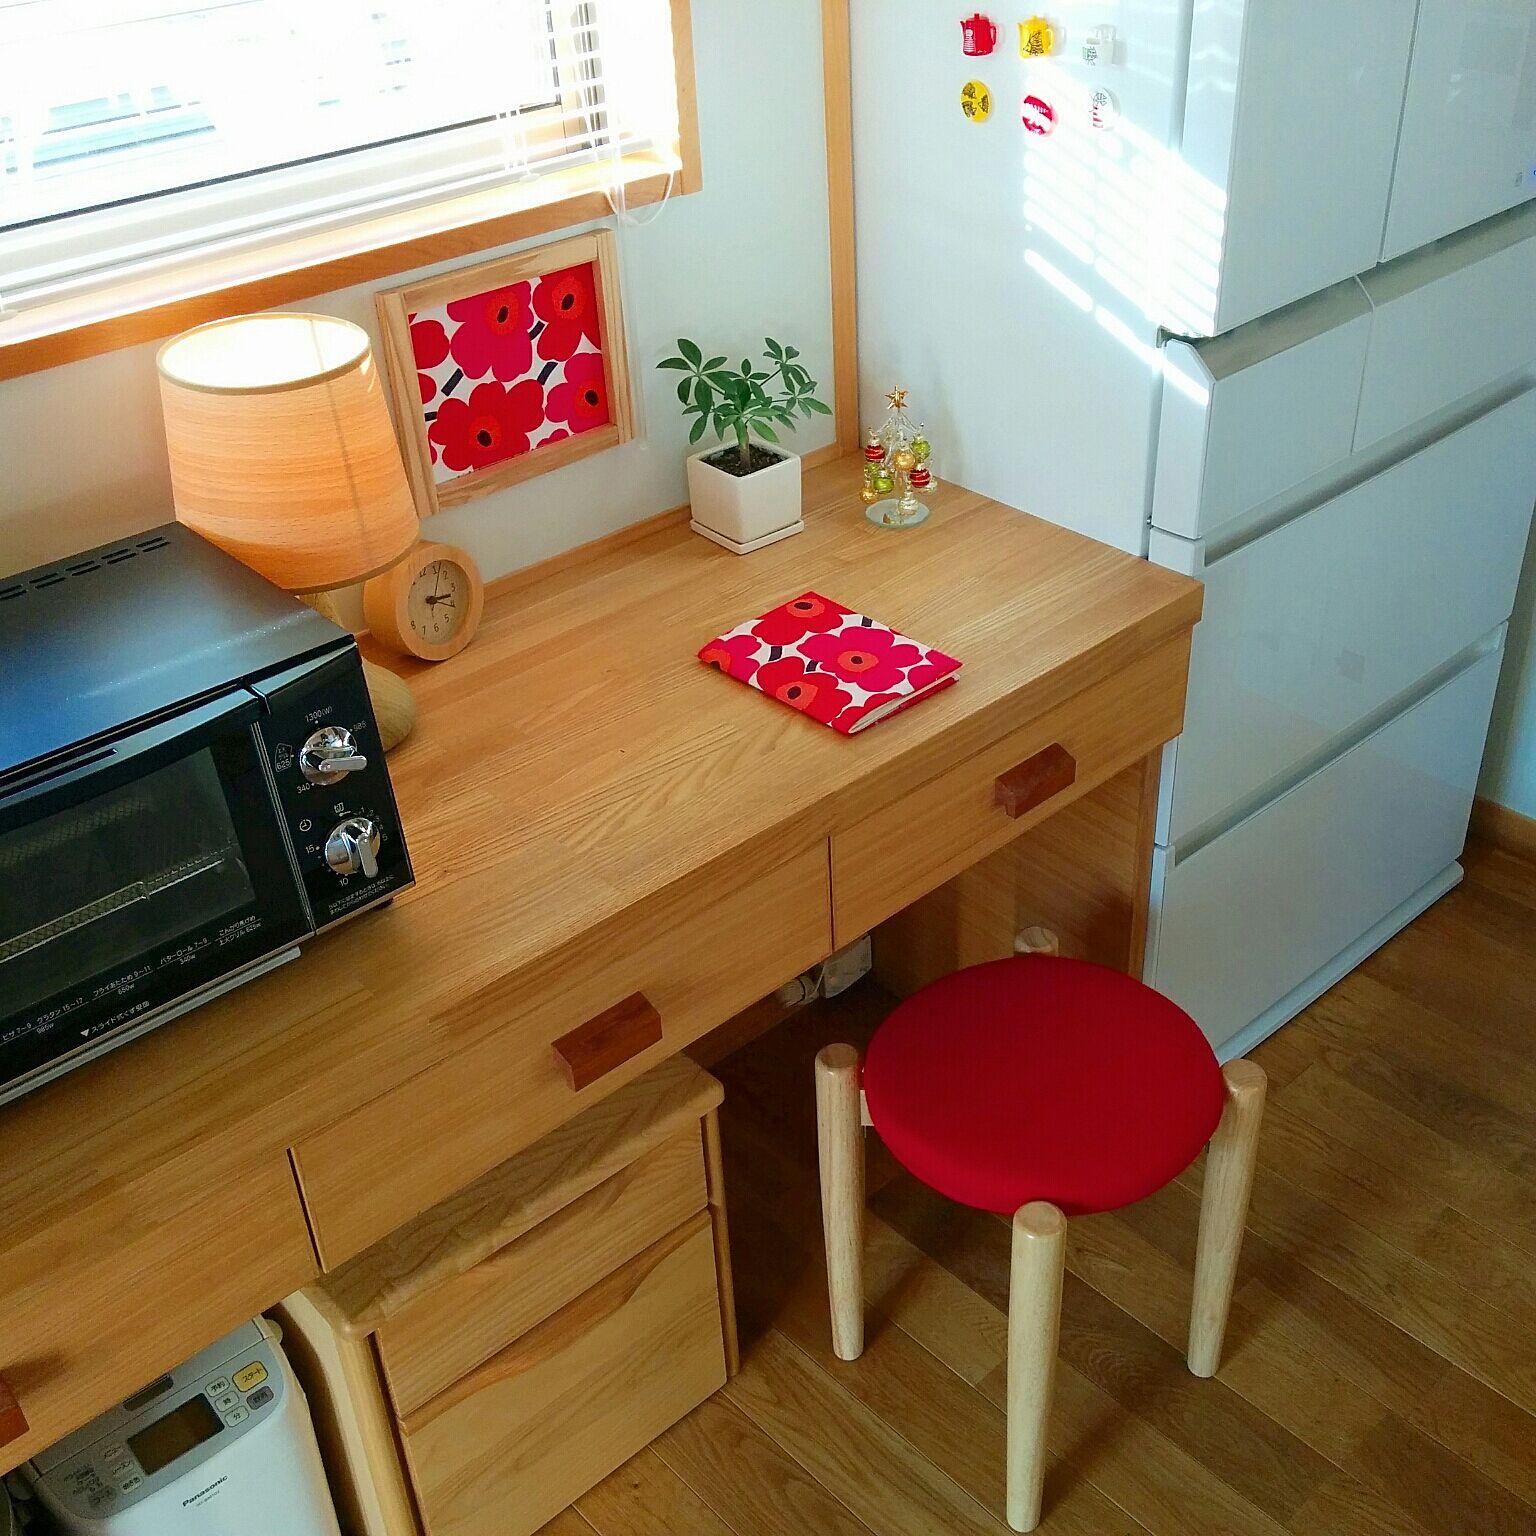 キッチン後ろの家事スペース(引用→RoomClip)